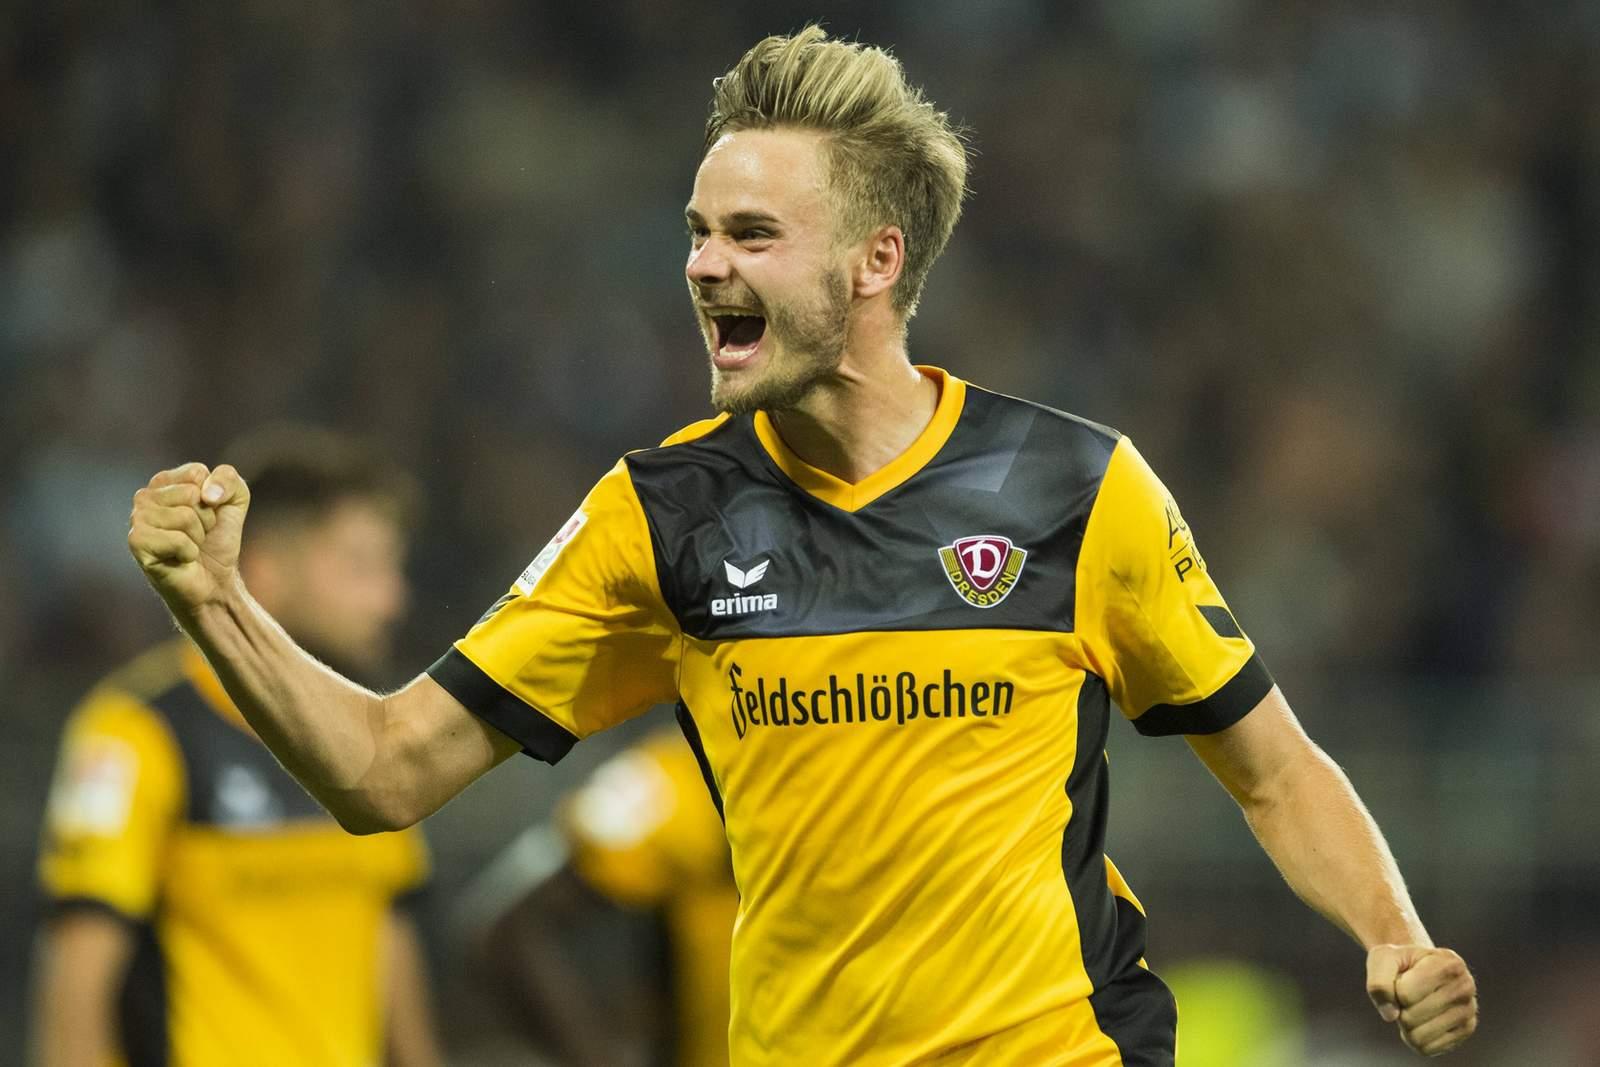 Lucas Röser von Dynamo Dresden